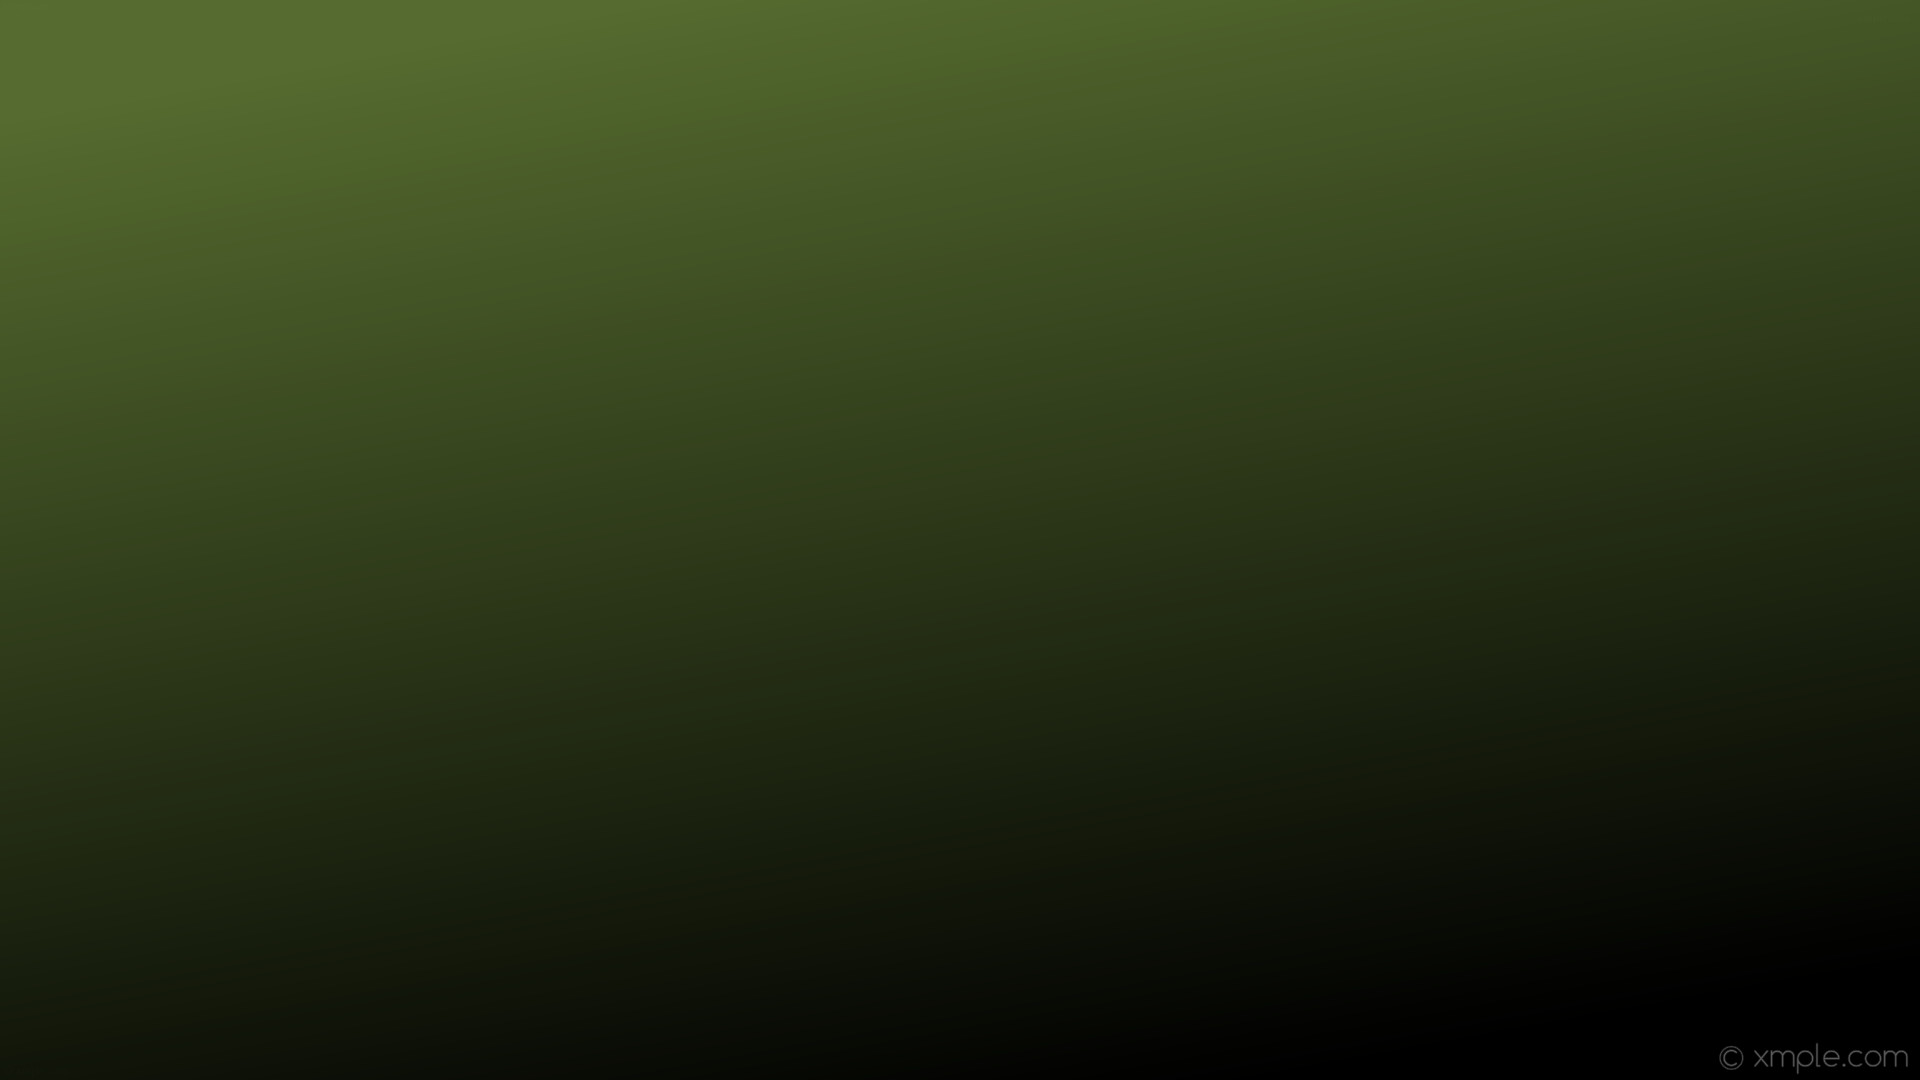 Res: 1920x1080, wallpaper black green gradient linear dark olive green #000000 #556b2f 300°